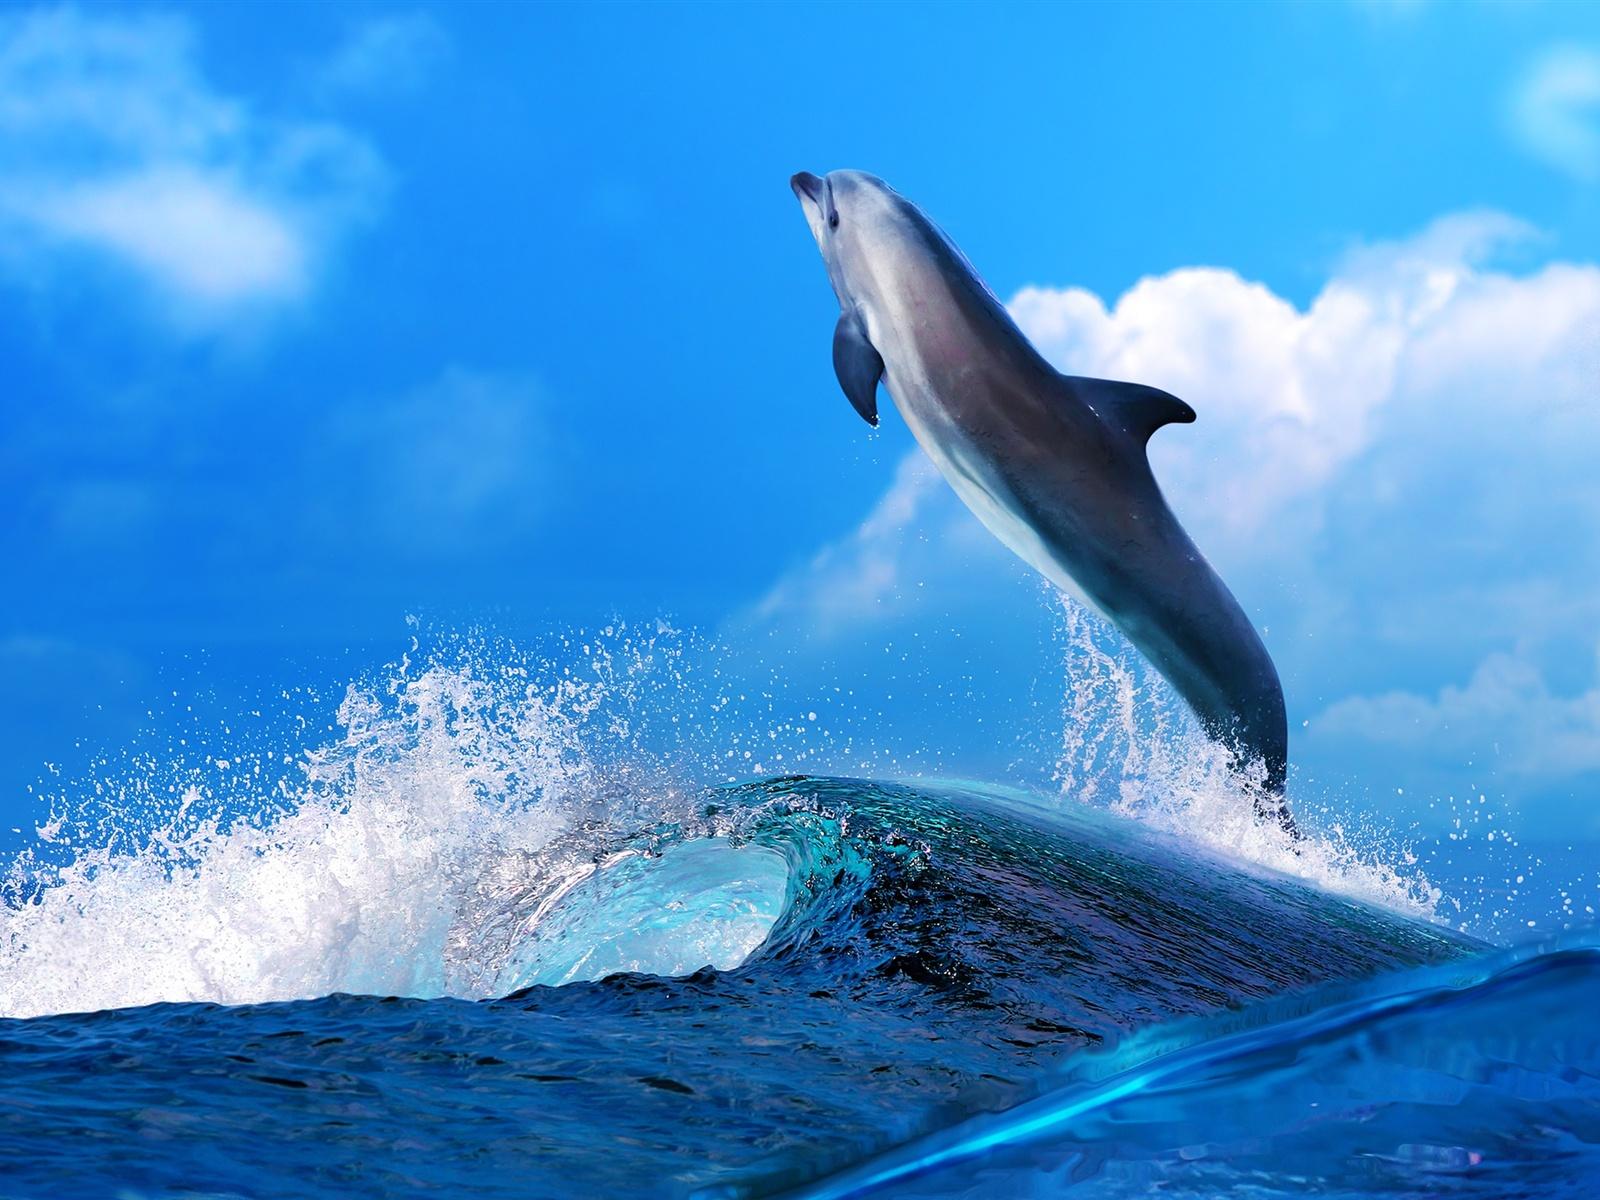 Hintergrundbilder beschreibung dolphin schönen tanz meereswellen